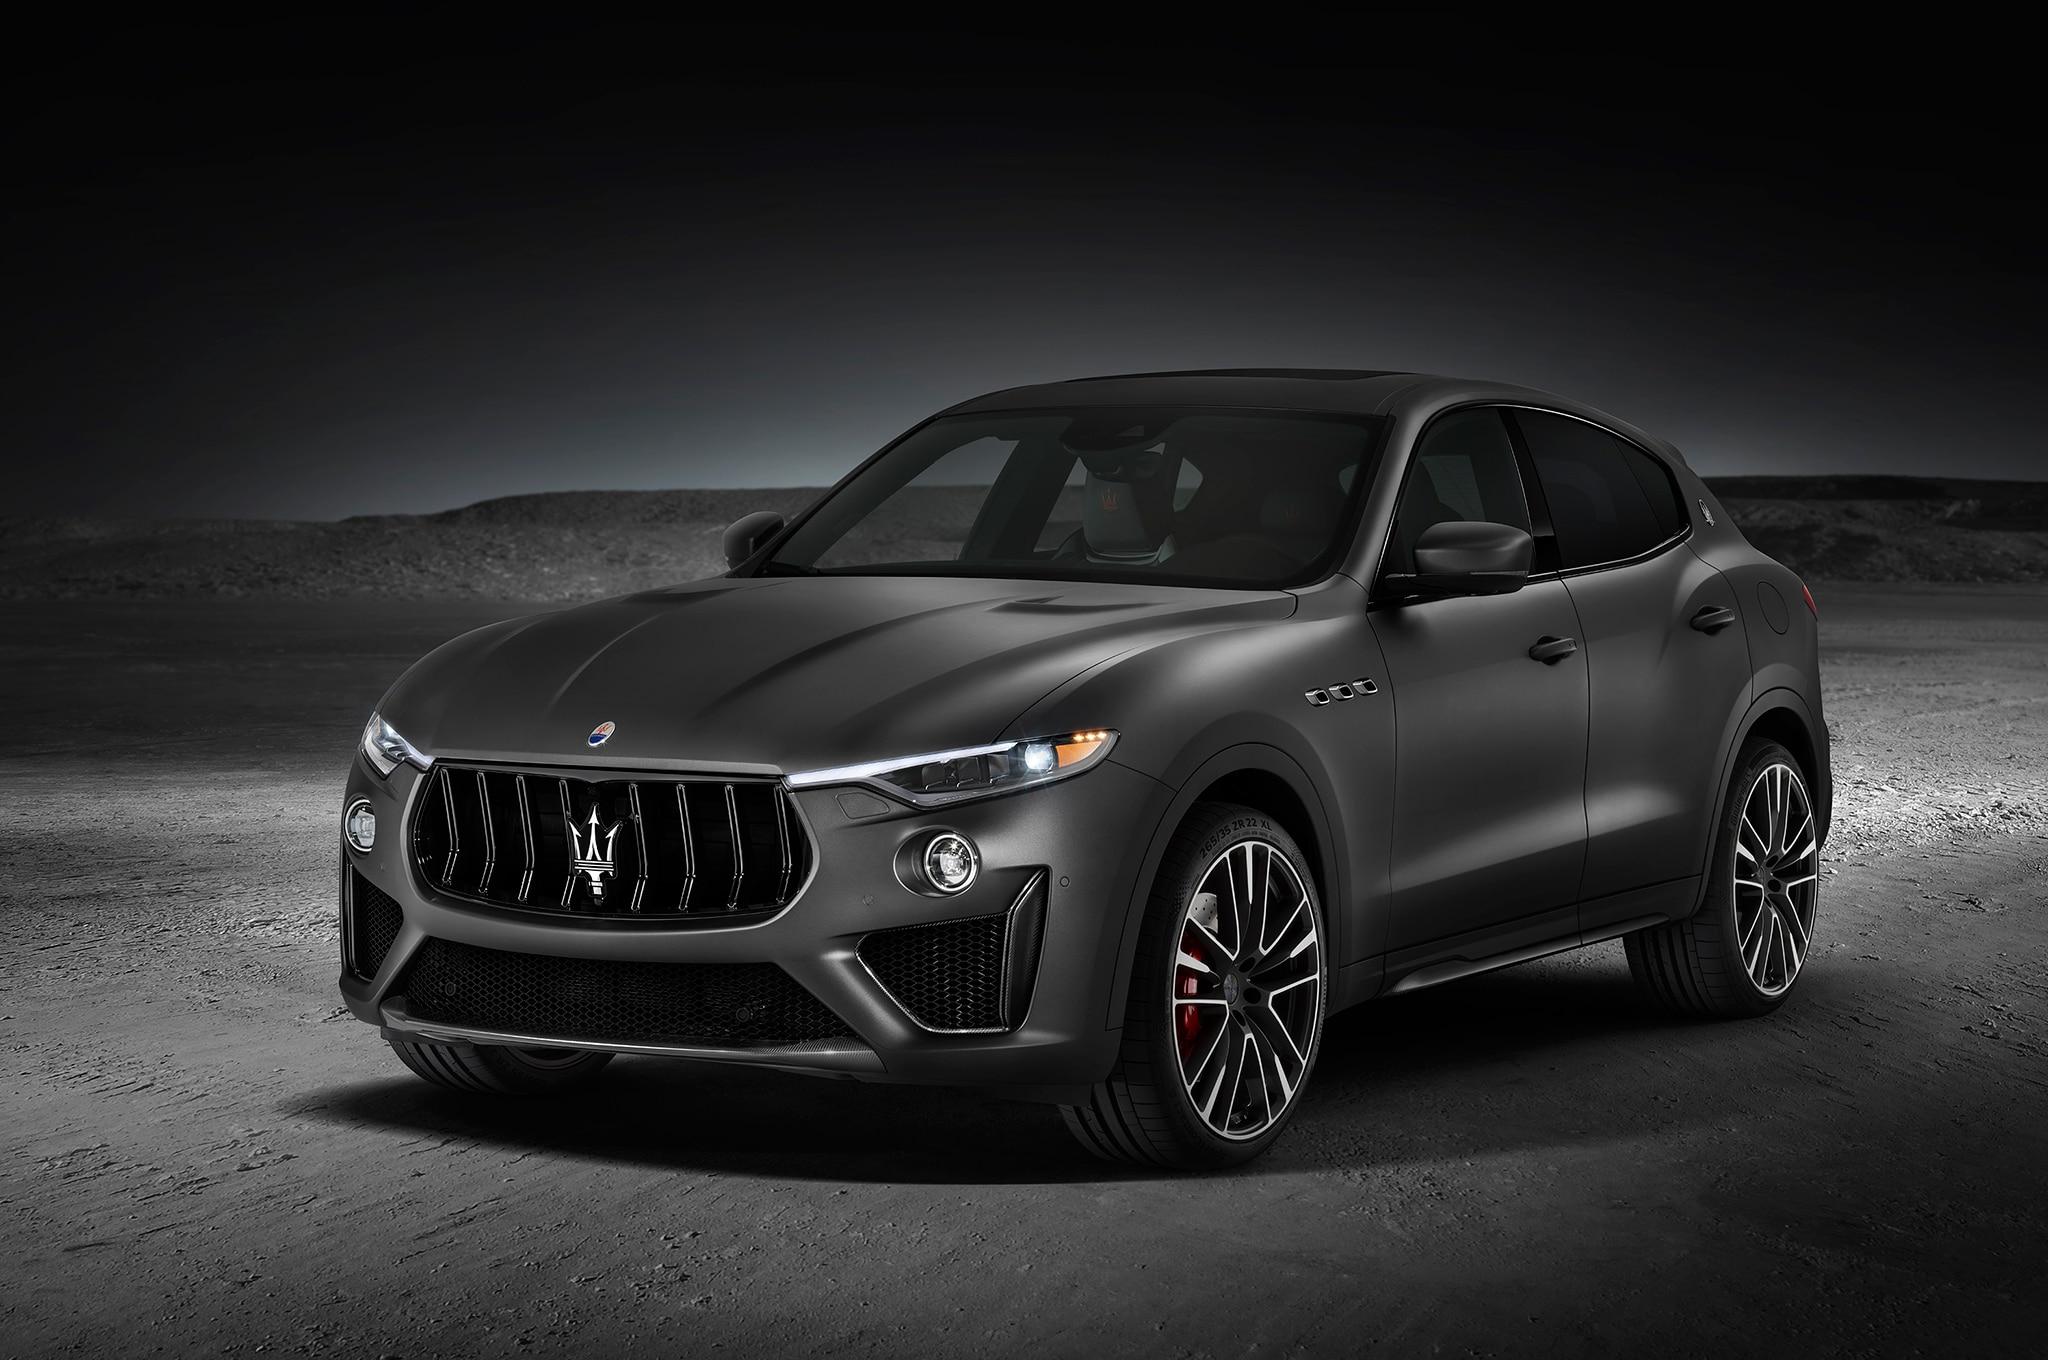 Maserati Alfieri Price >> 2019 New and Future Cars: 2022 Maserati Alfieri | Automobile Magazine